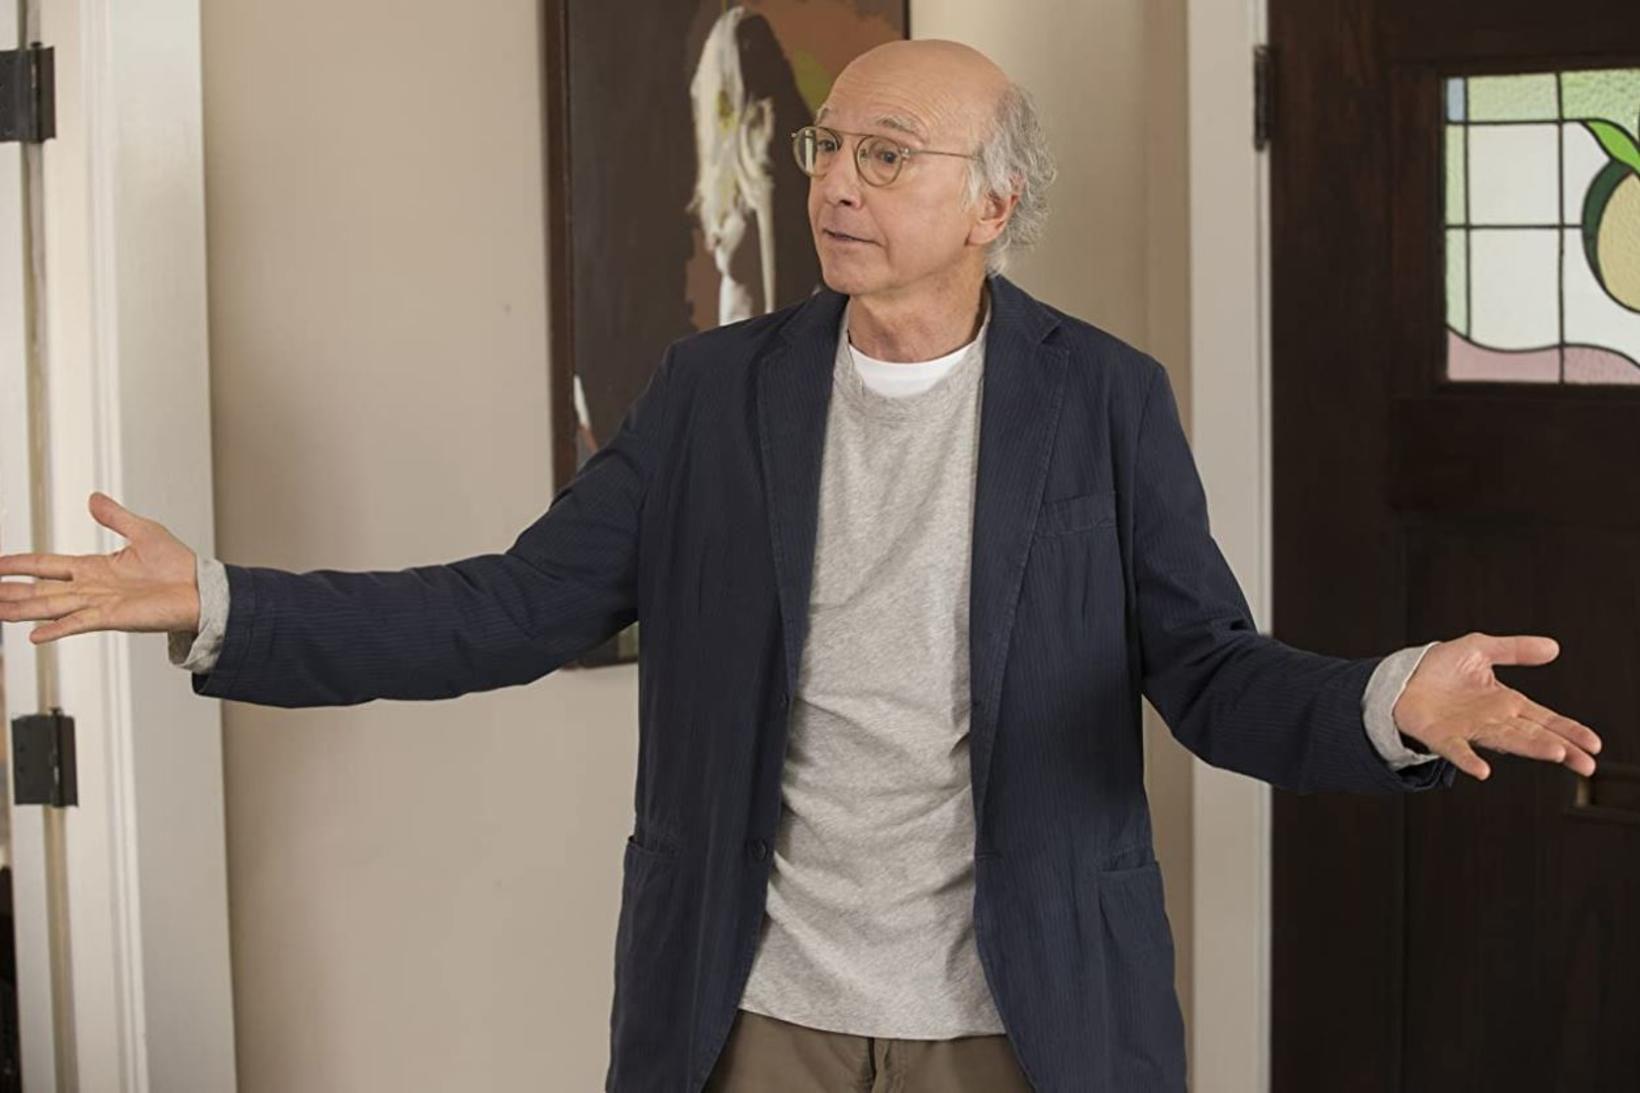 Larry David er kvæntur maður.